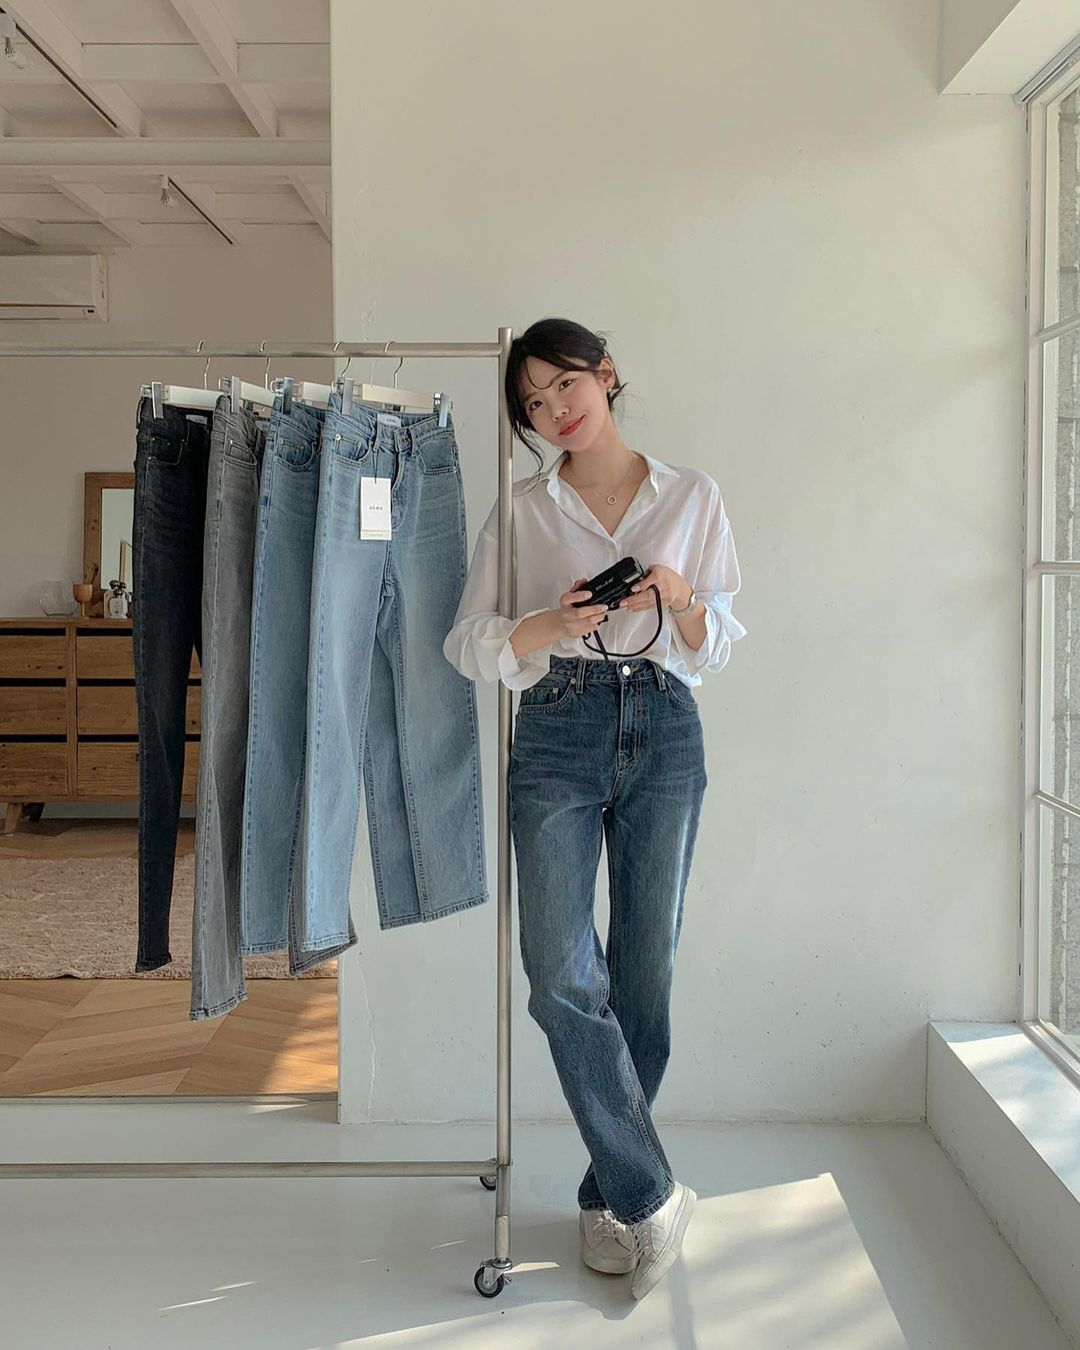 """Học nàng blogger Hàn cách diện jeans """"đỉnh của chóp"""": Vừa hack dáng vừa thanh lịch để diện đến sở làm - Ảnh 4."""